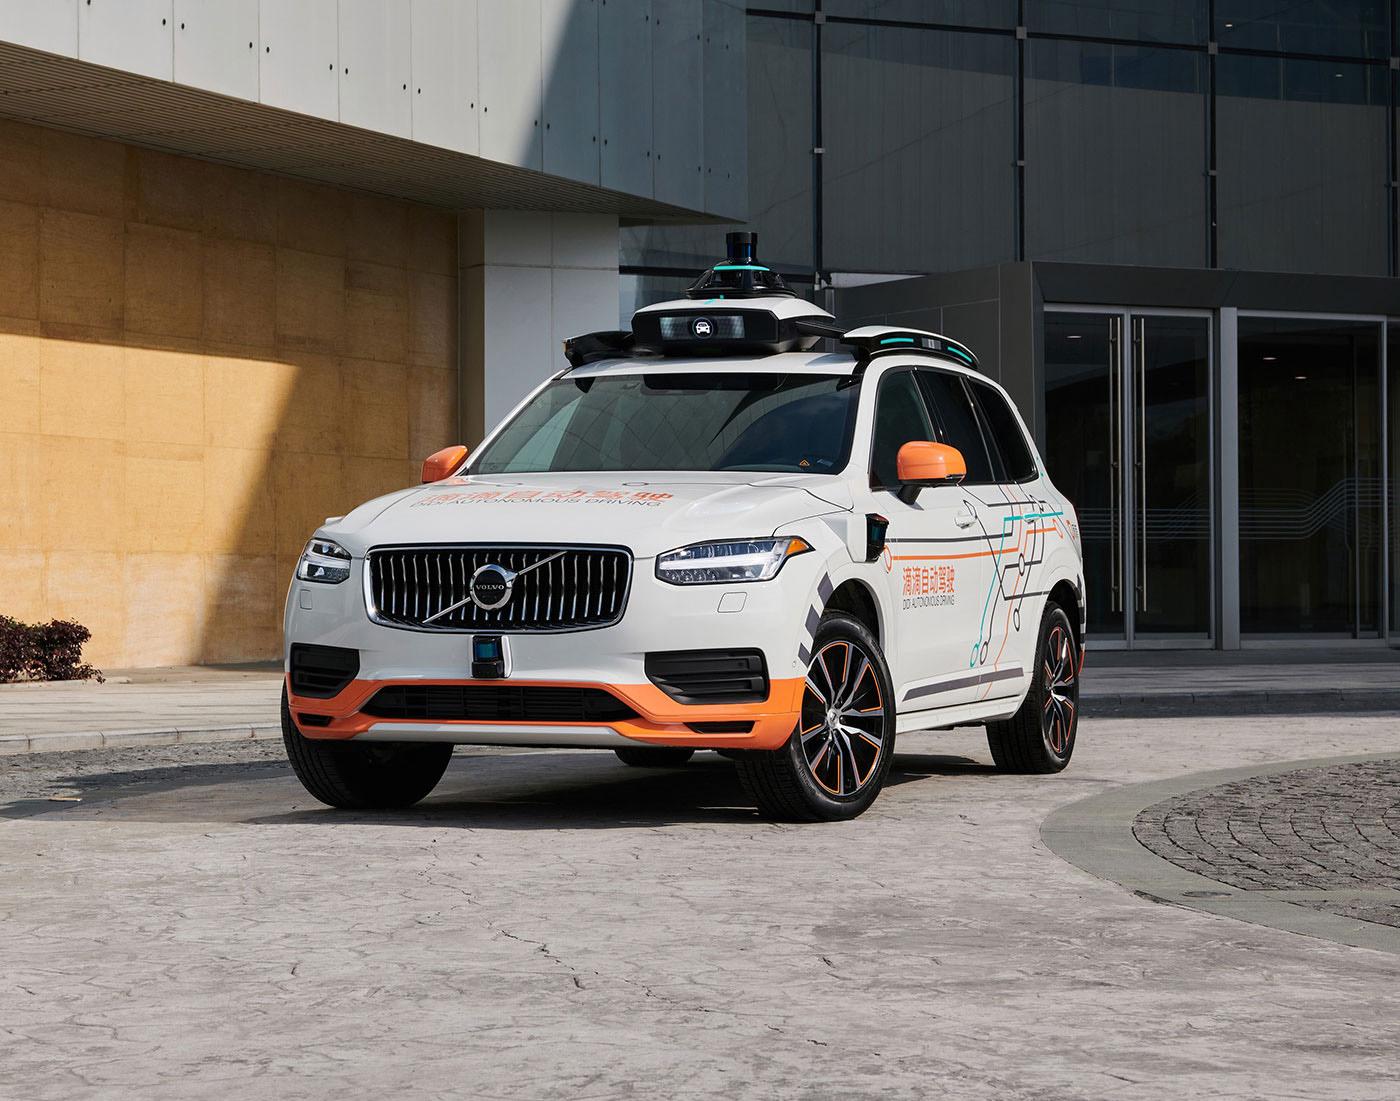 Volvo и преемник китайского Uber разрабатывают роботакси на базе внедорожника XC90